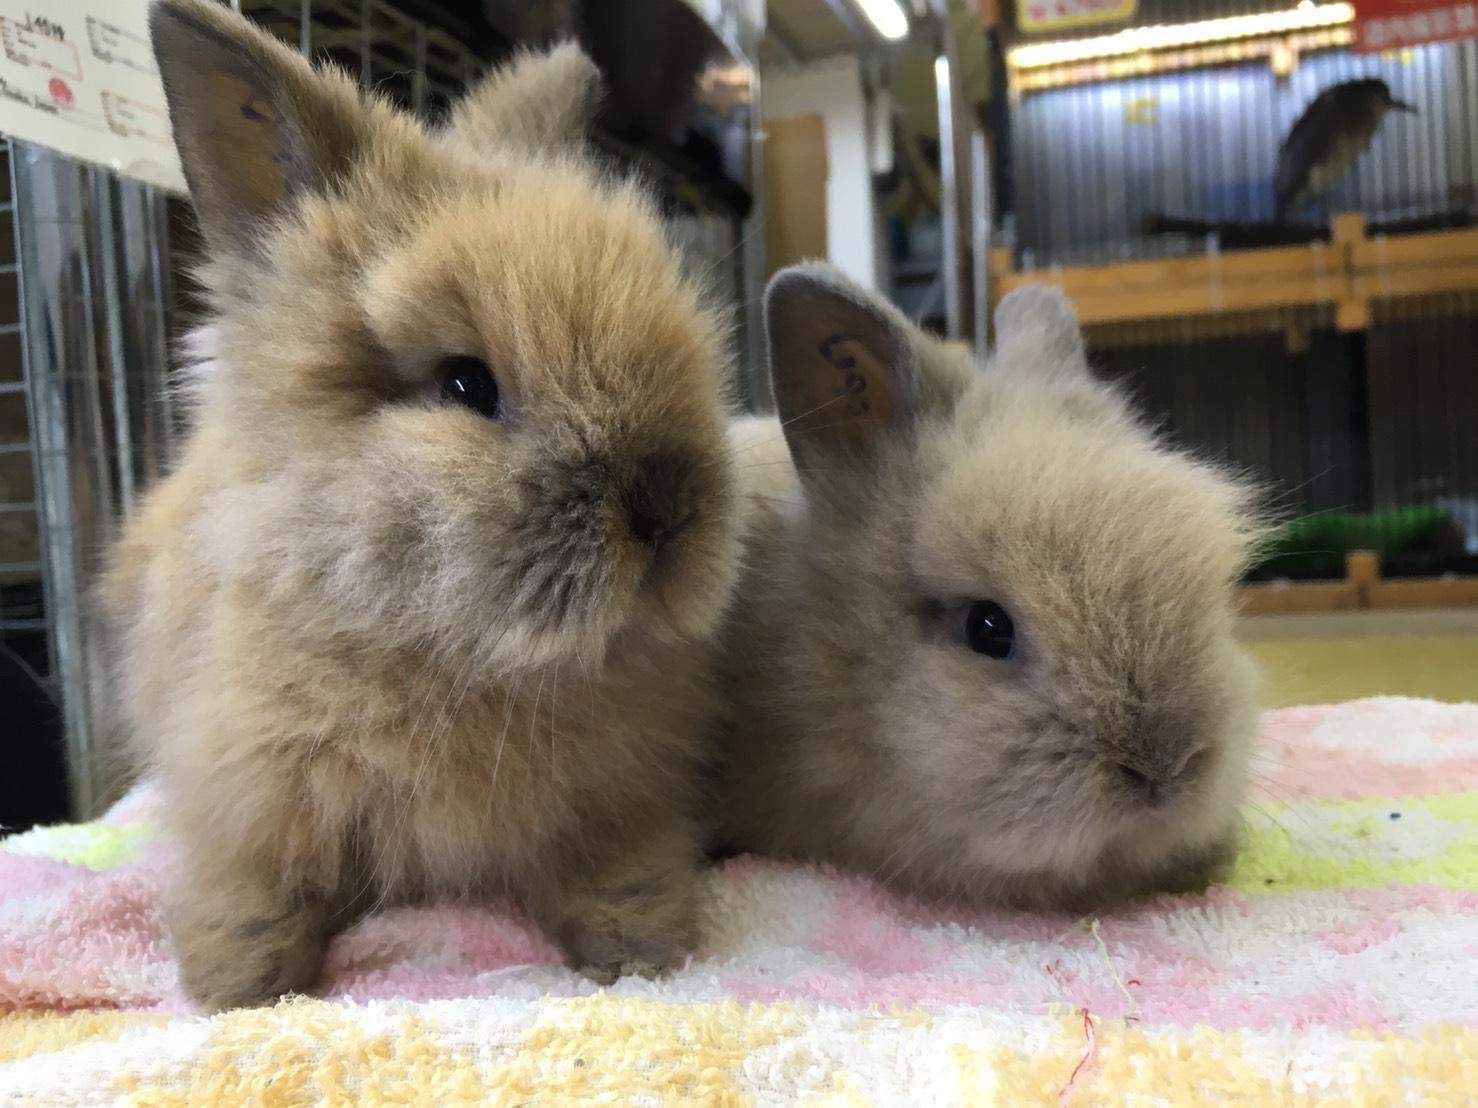 ウサギ満載!!久々にたくさんのウサギに囲まれています♪@インター小動物